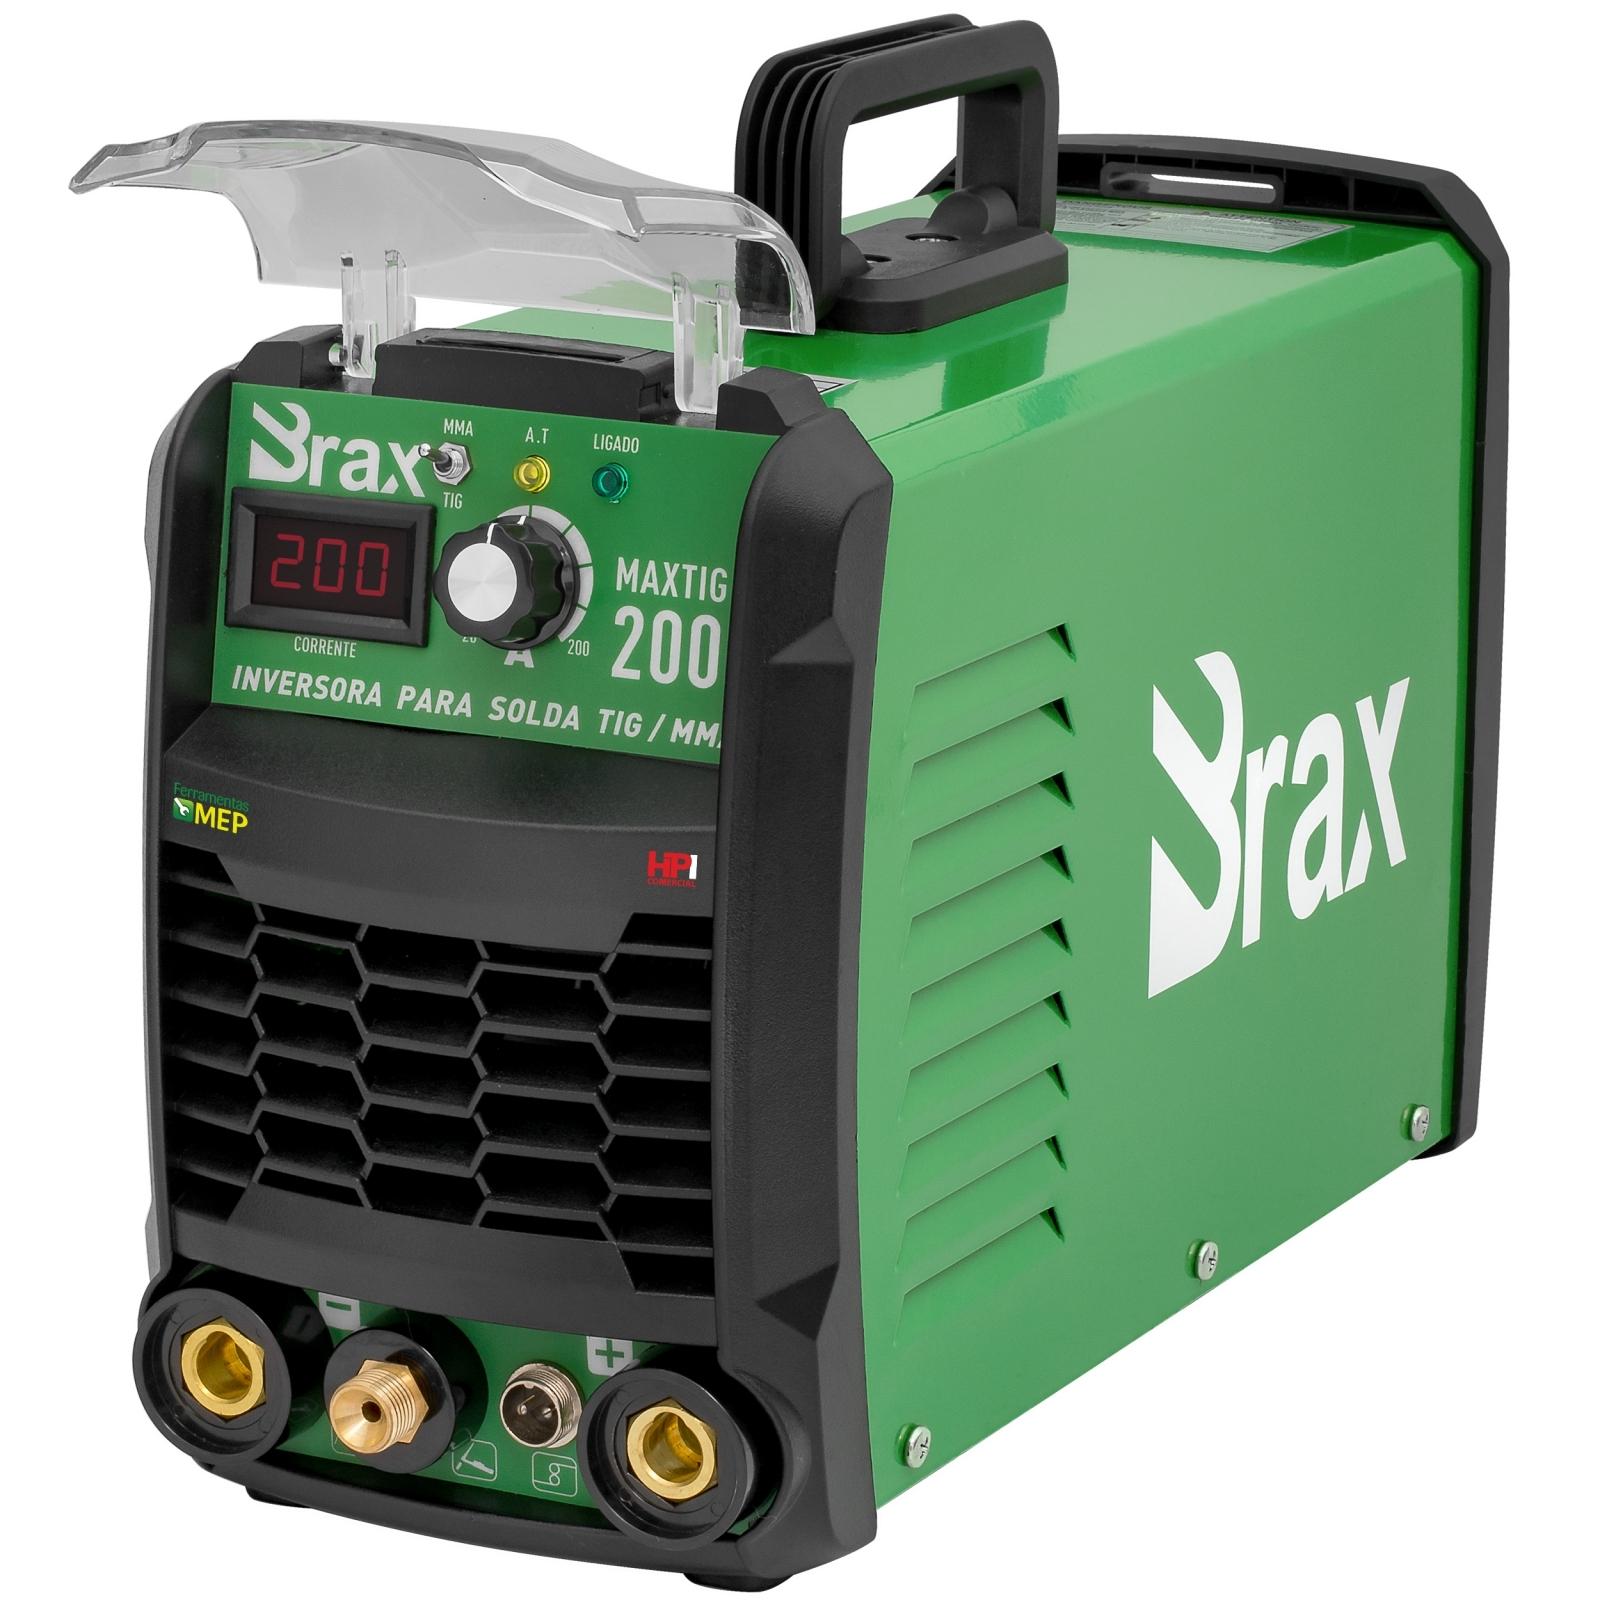 Máquina De Solda Tig Eletrodo 200a Brax Soldas MaxiTig 200 Bivolt Nova Geração - Ferramentas MEP